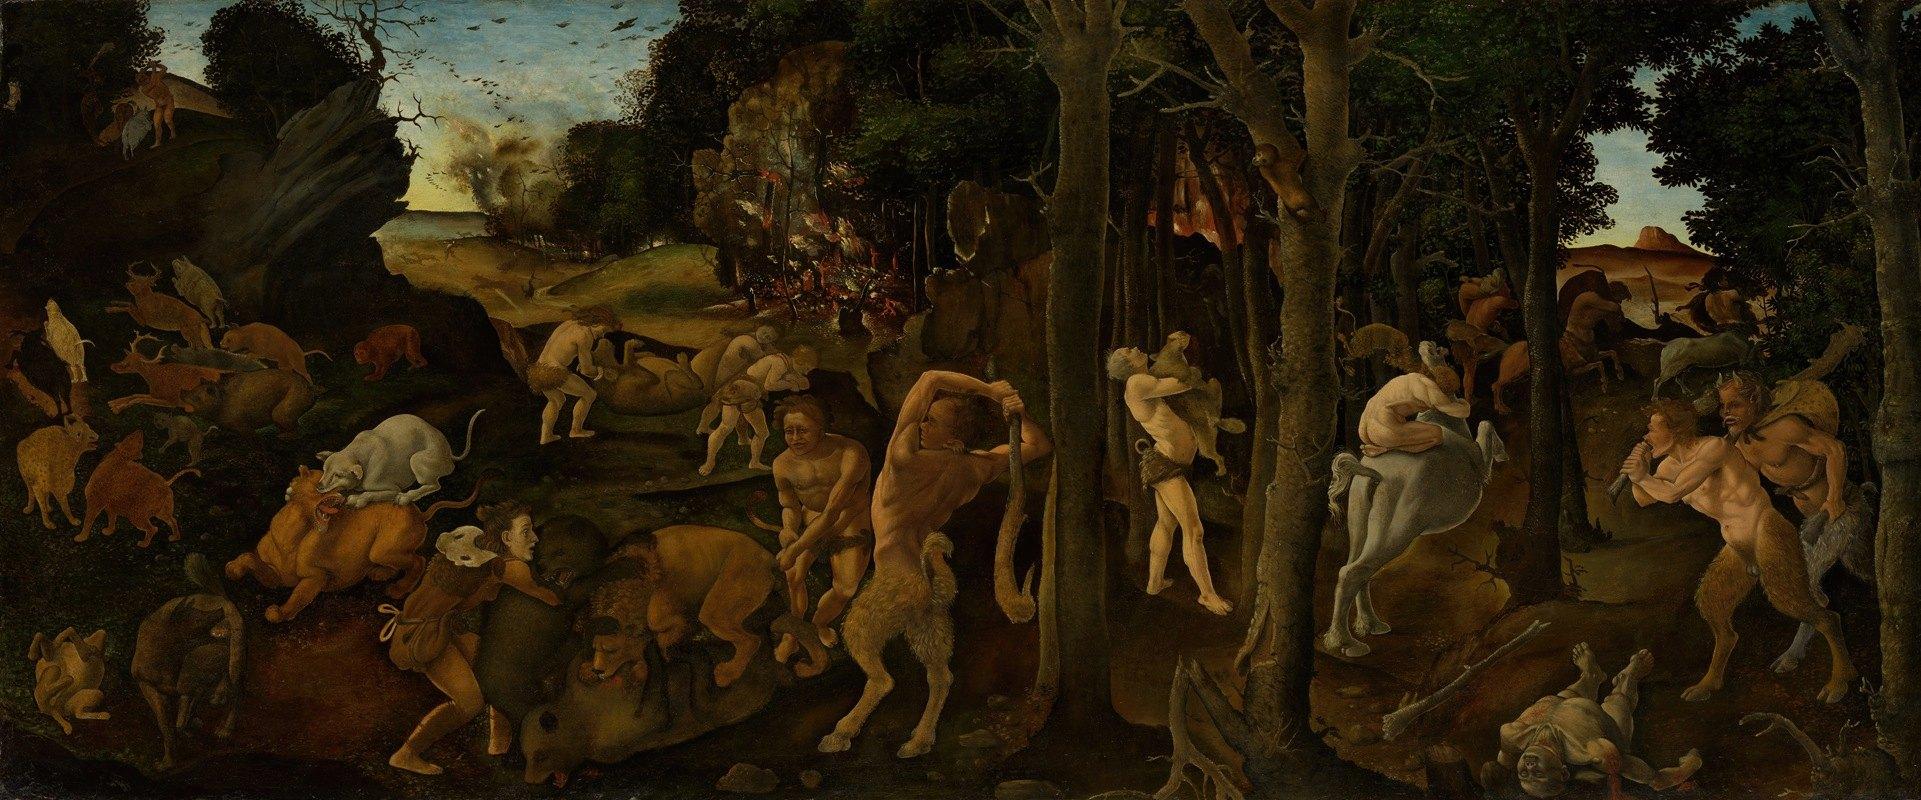 Piero di Cosimo - A Hunting Scene